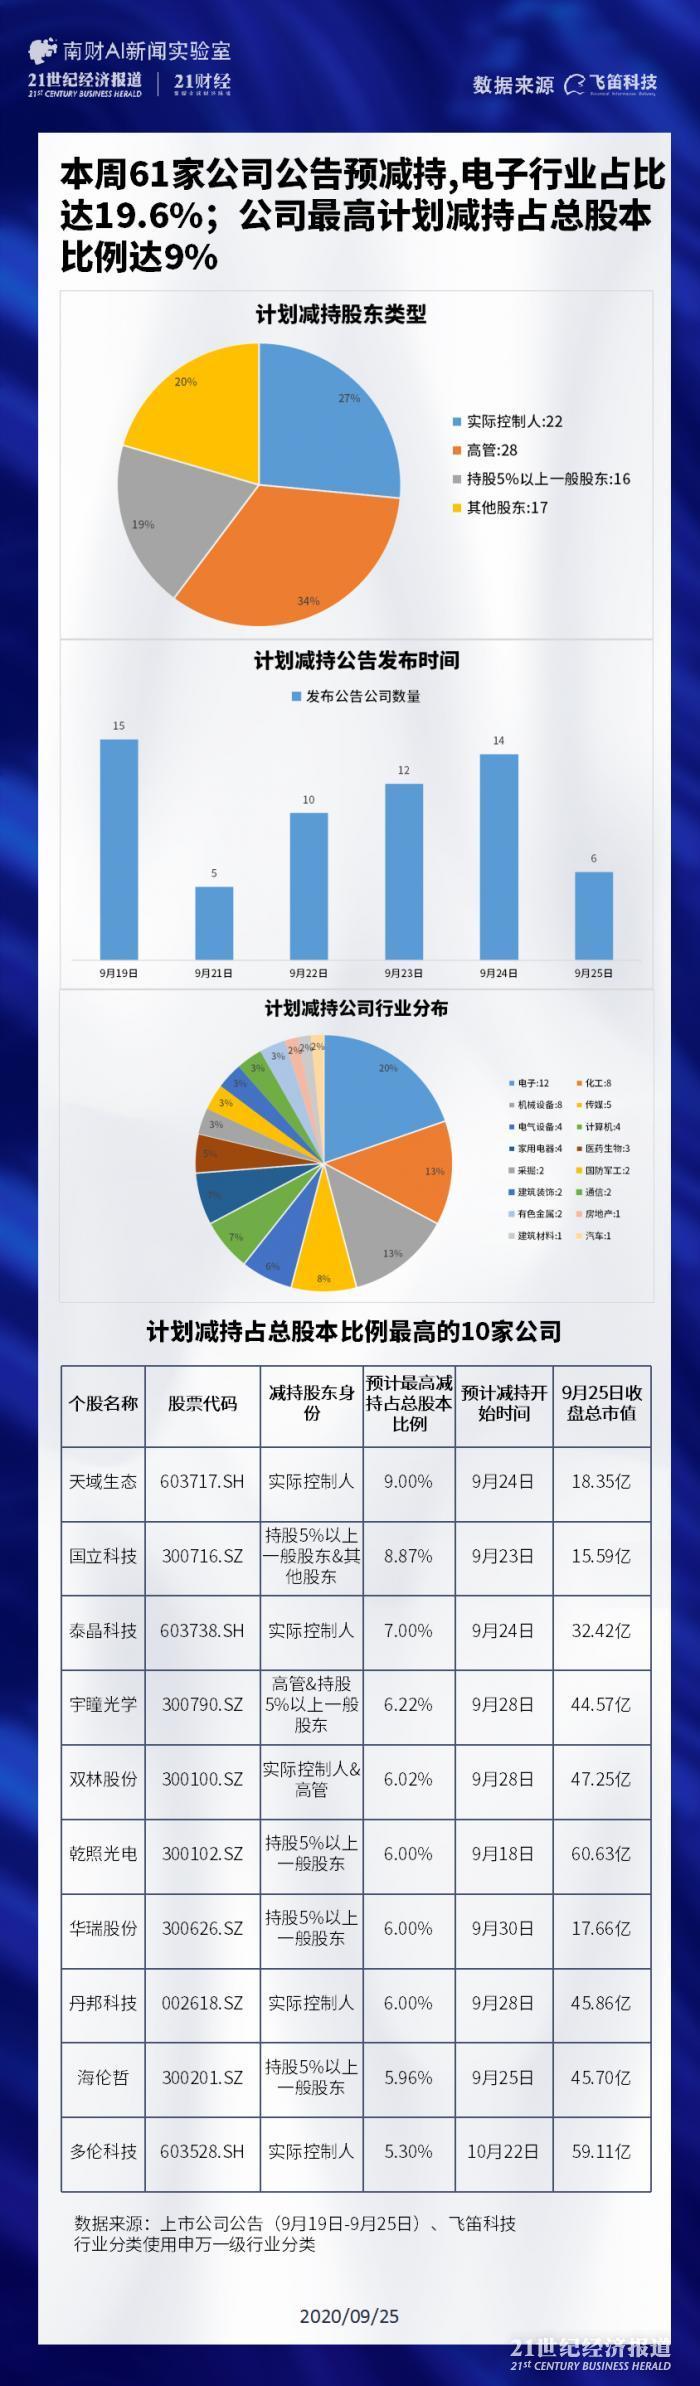 61家公司预减持电子行业占19.6% 乾照光电股权斗争方大额减持离场